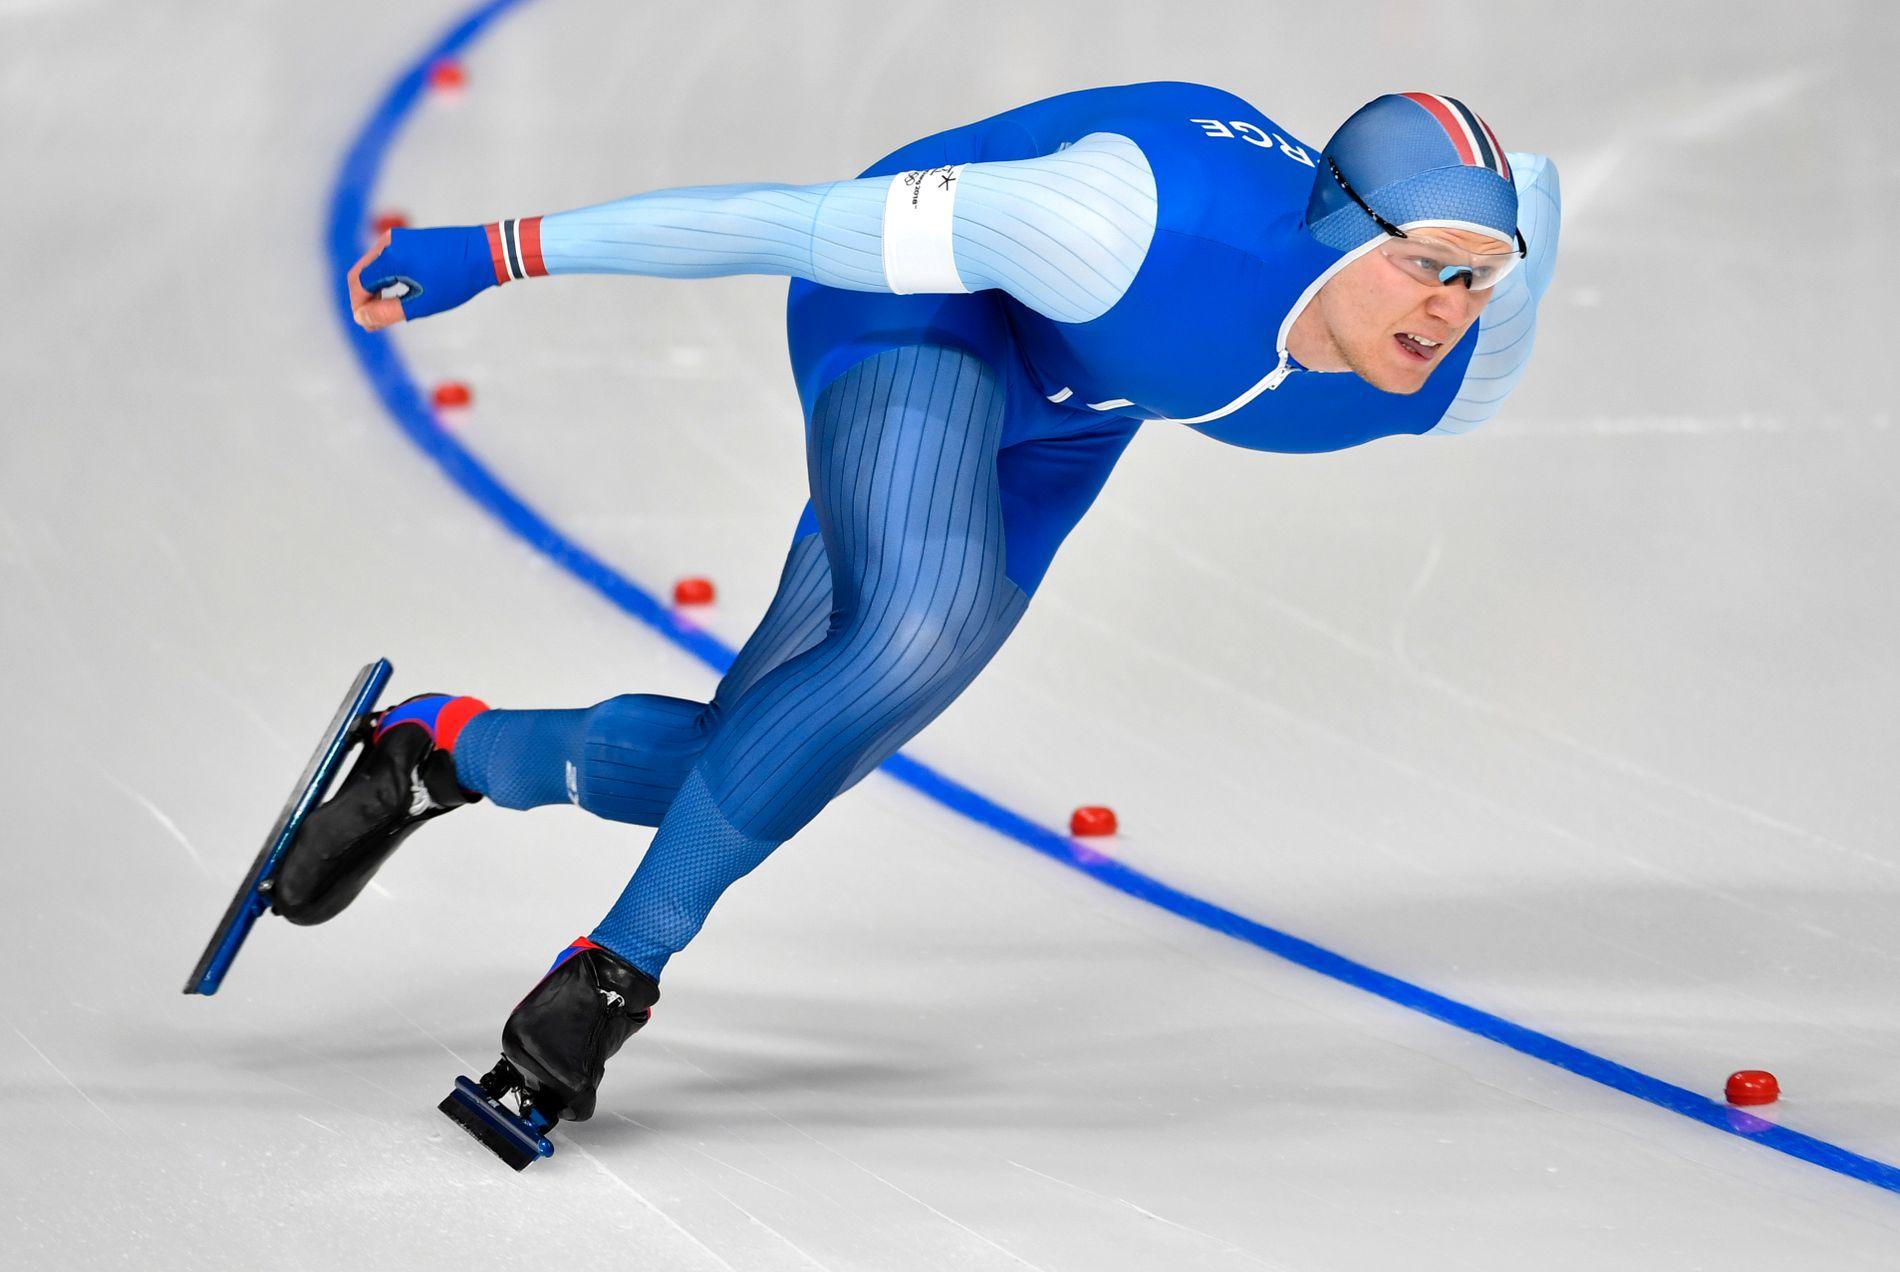 INNENDØRS IGJEN: Håvard Holmefjord Lorentzen og skøytesirkuset var tilbake innendørs, etter en tøff opplevelse utendørs i Japan for to uker siden. Her i løpet av det suksessrike OL i Pyeongchang.